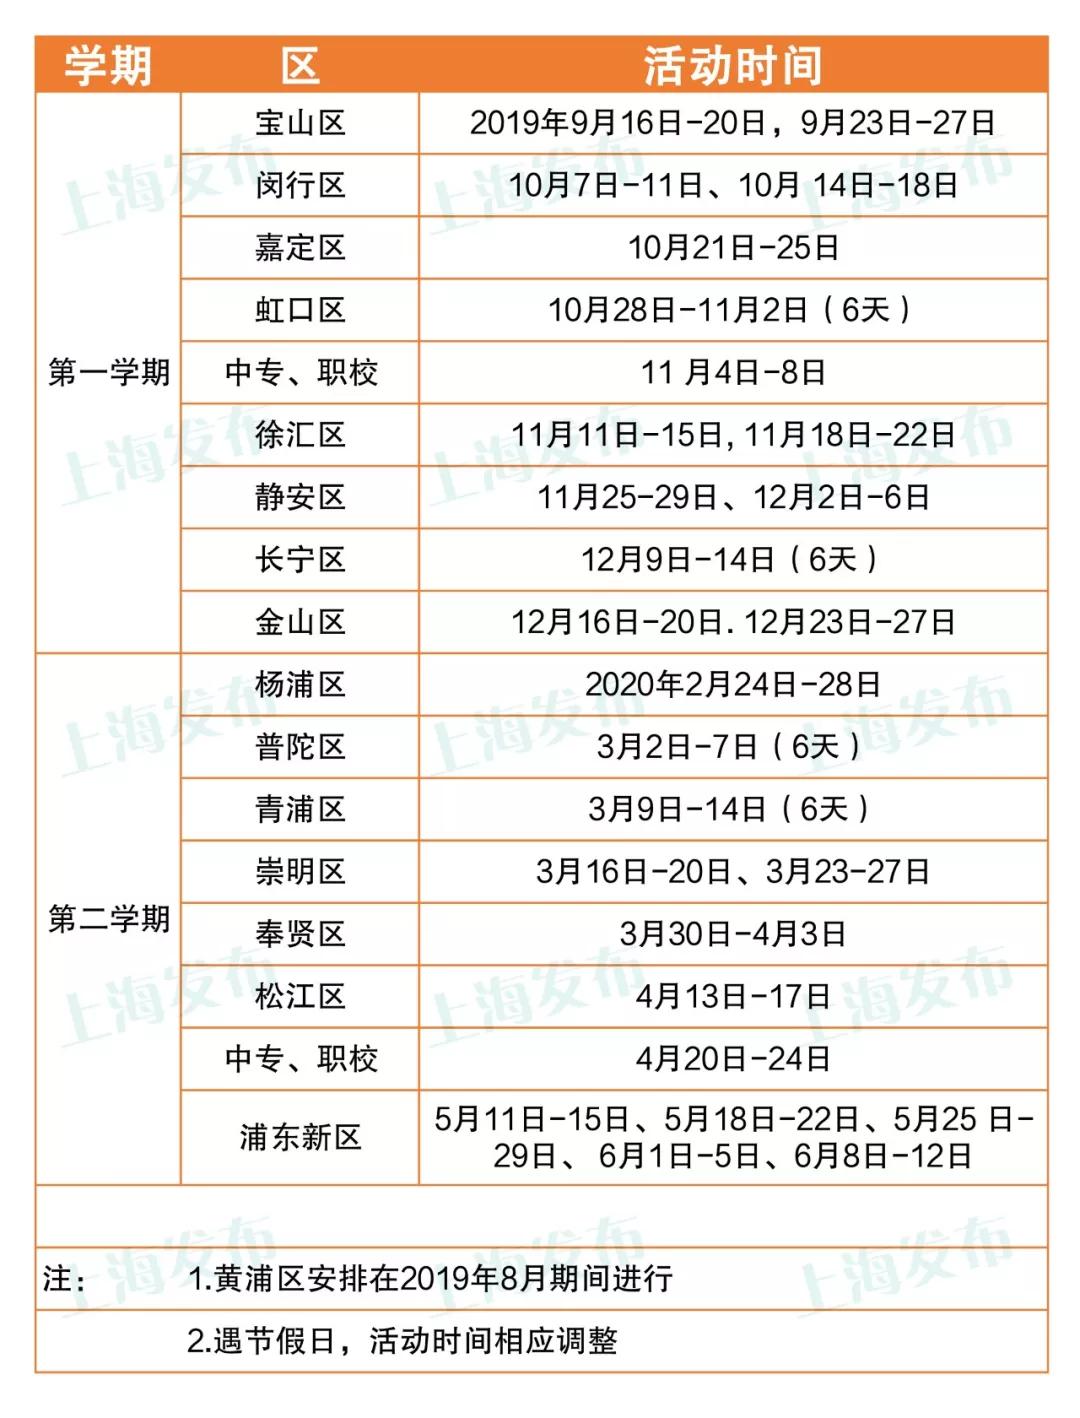 2019年军训.jpg